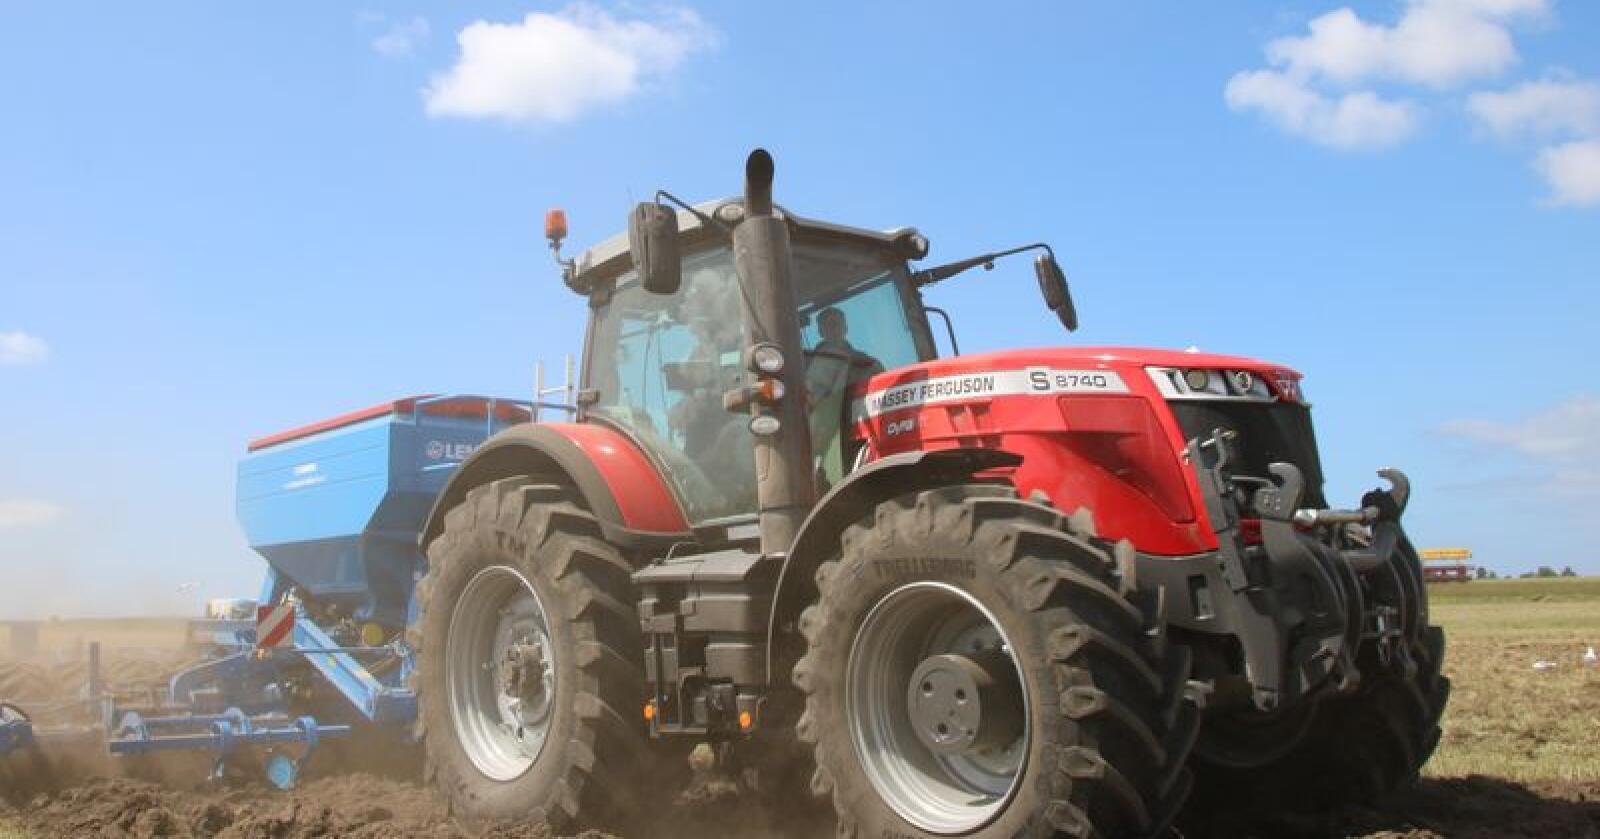 Massey Ferguson har med seg åtte ulike traktorserier som kan beskues og prøvekjøres under besøket i Norge, 21-30 august. (Foto: Lars Raaen)